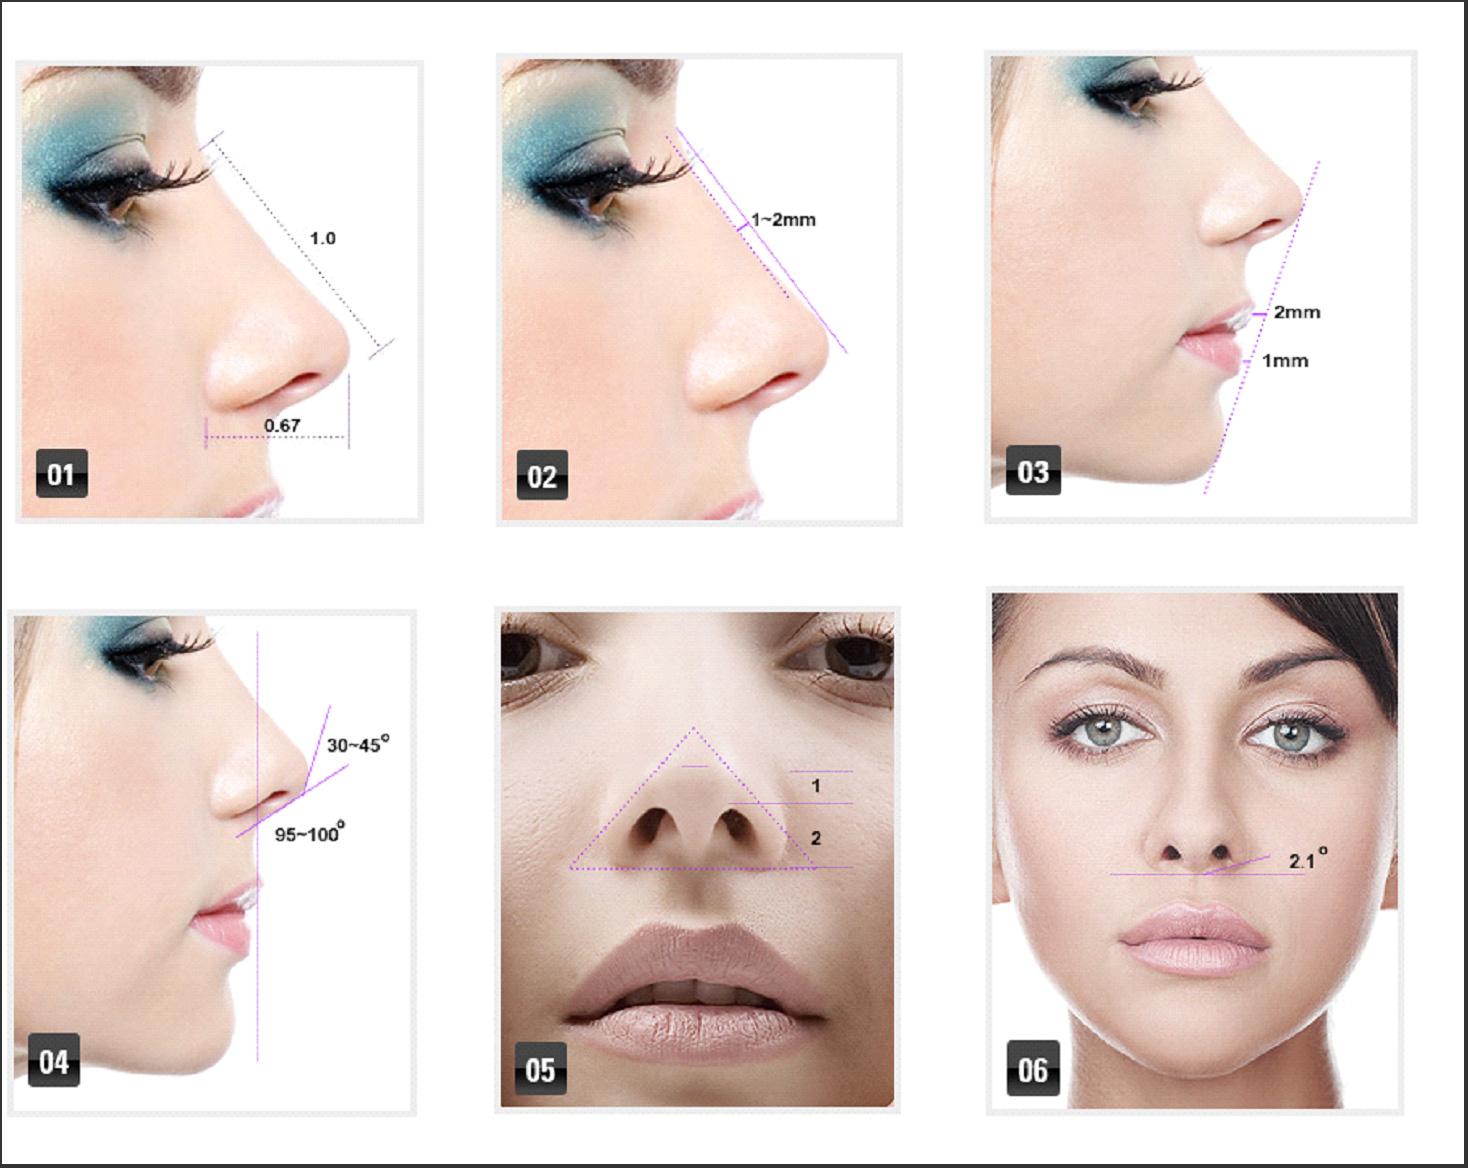 好看的鼻形效果图